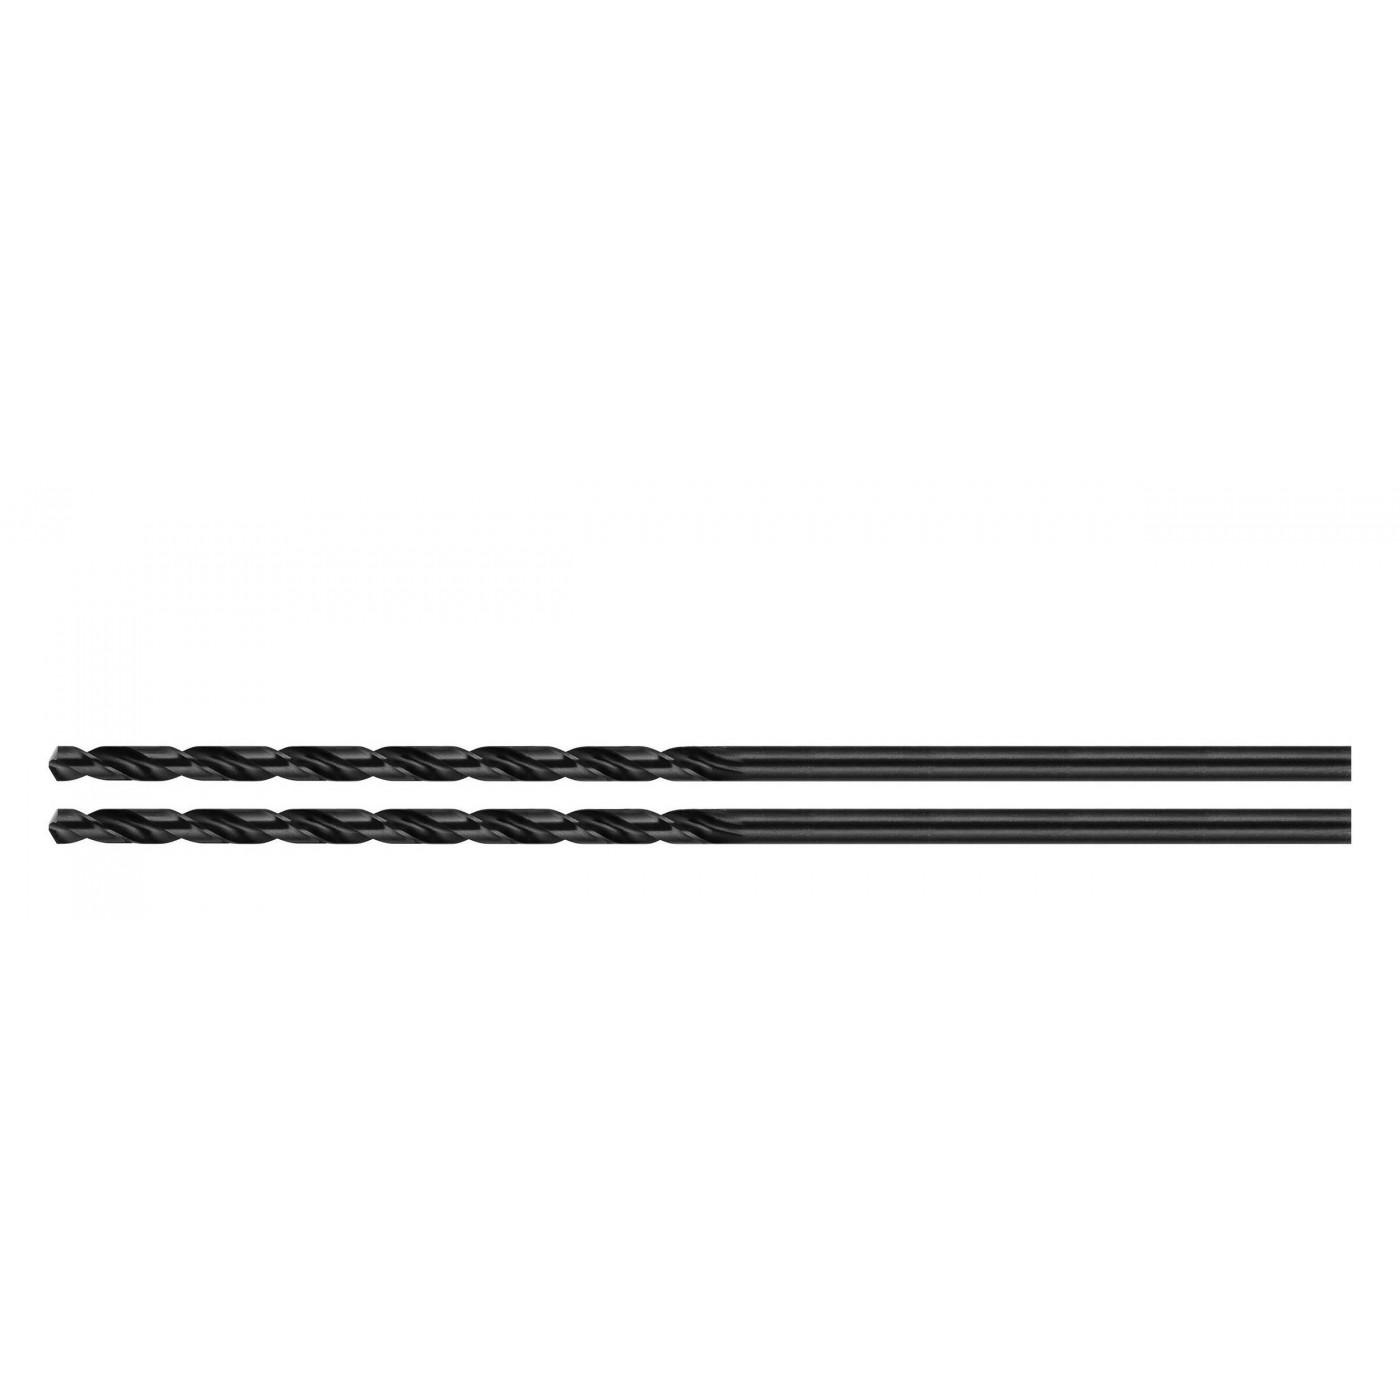 Set of 2 metal drill bits (HSS, 9.0x350 mm)